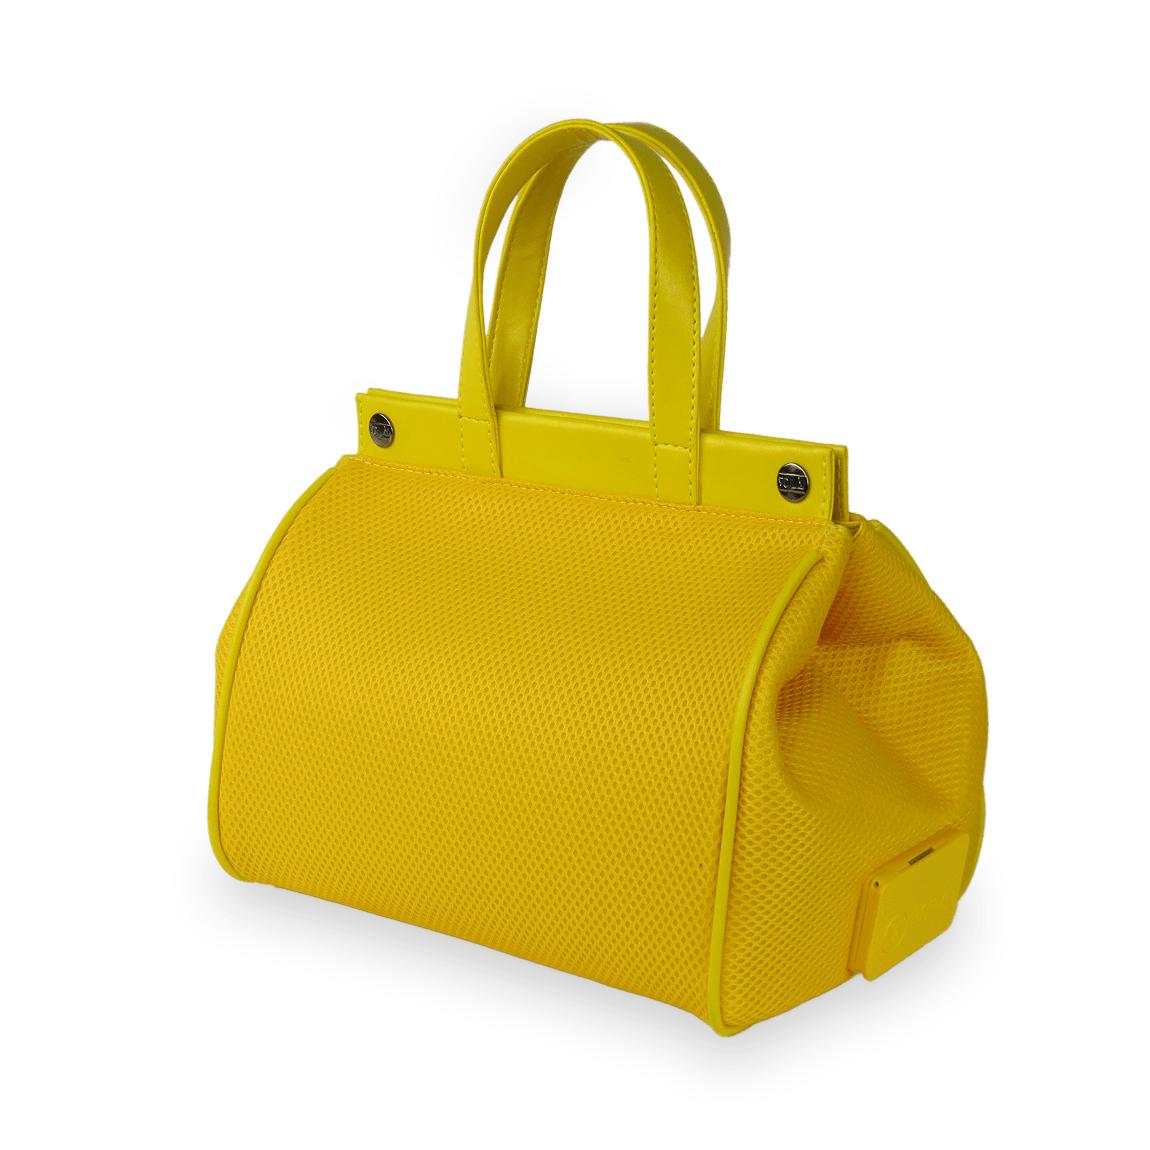 Bolsa Elétrica Voilà! Bag - Pool em Mesh Aerado Amarela (Com TODOS os Acessórios)